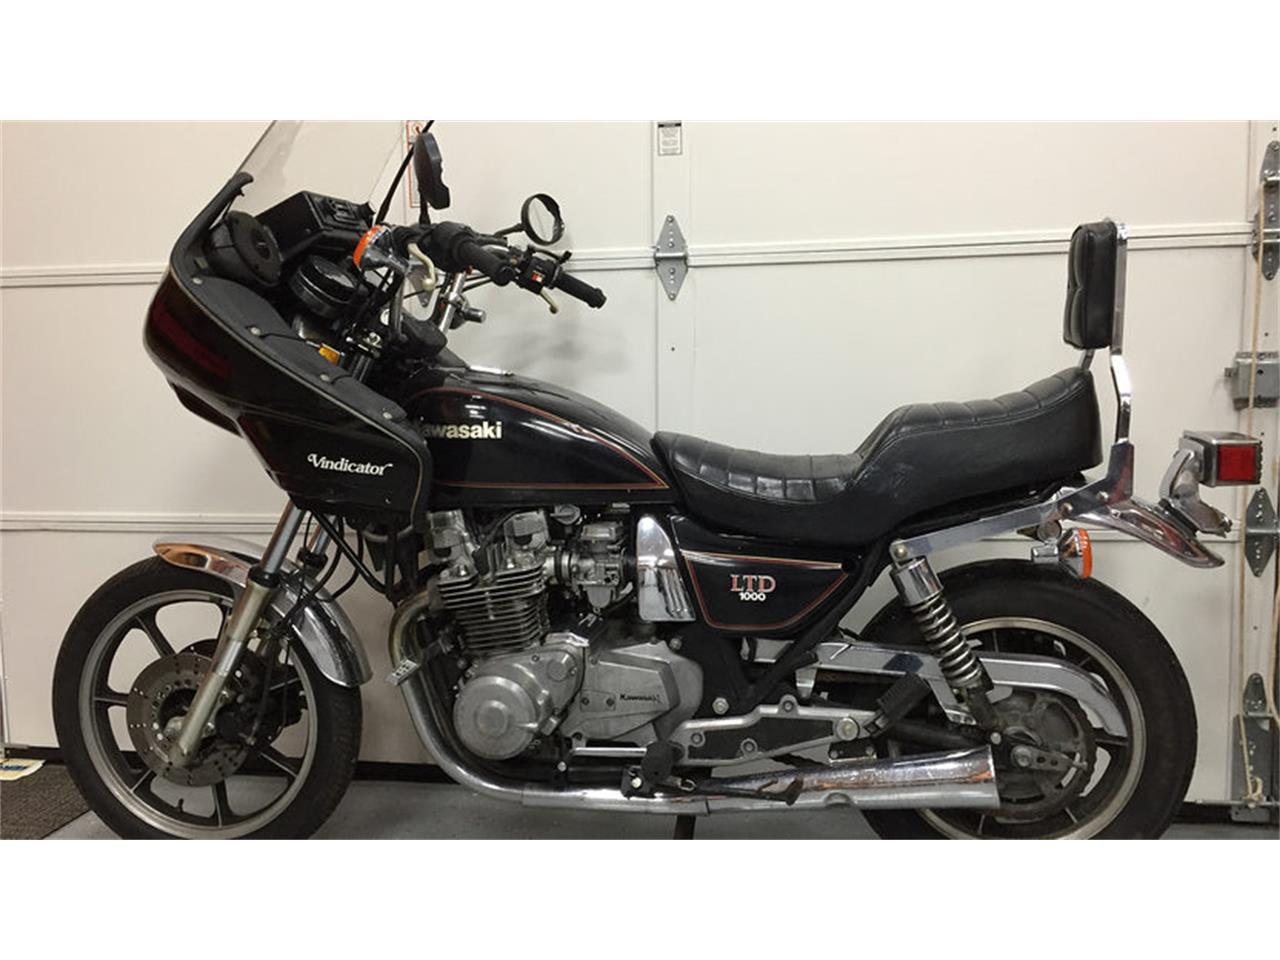 1981 Kawasaki LTD 1000 for Sale | ClassicCars com | CC-940283